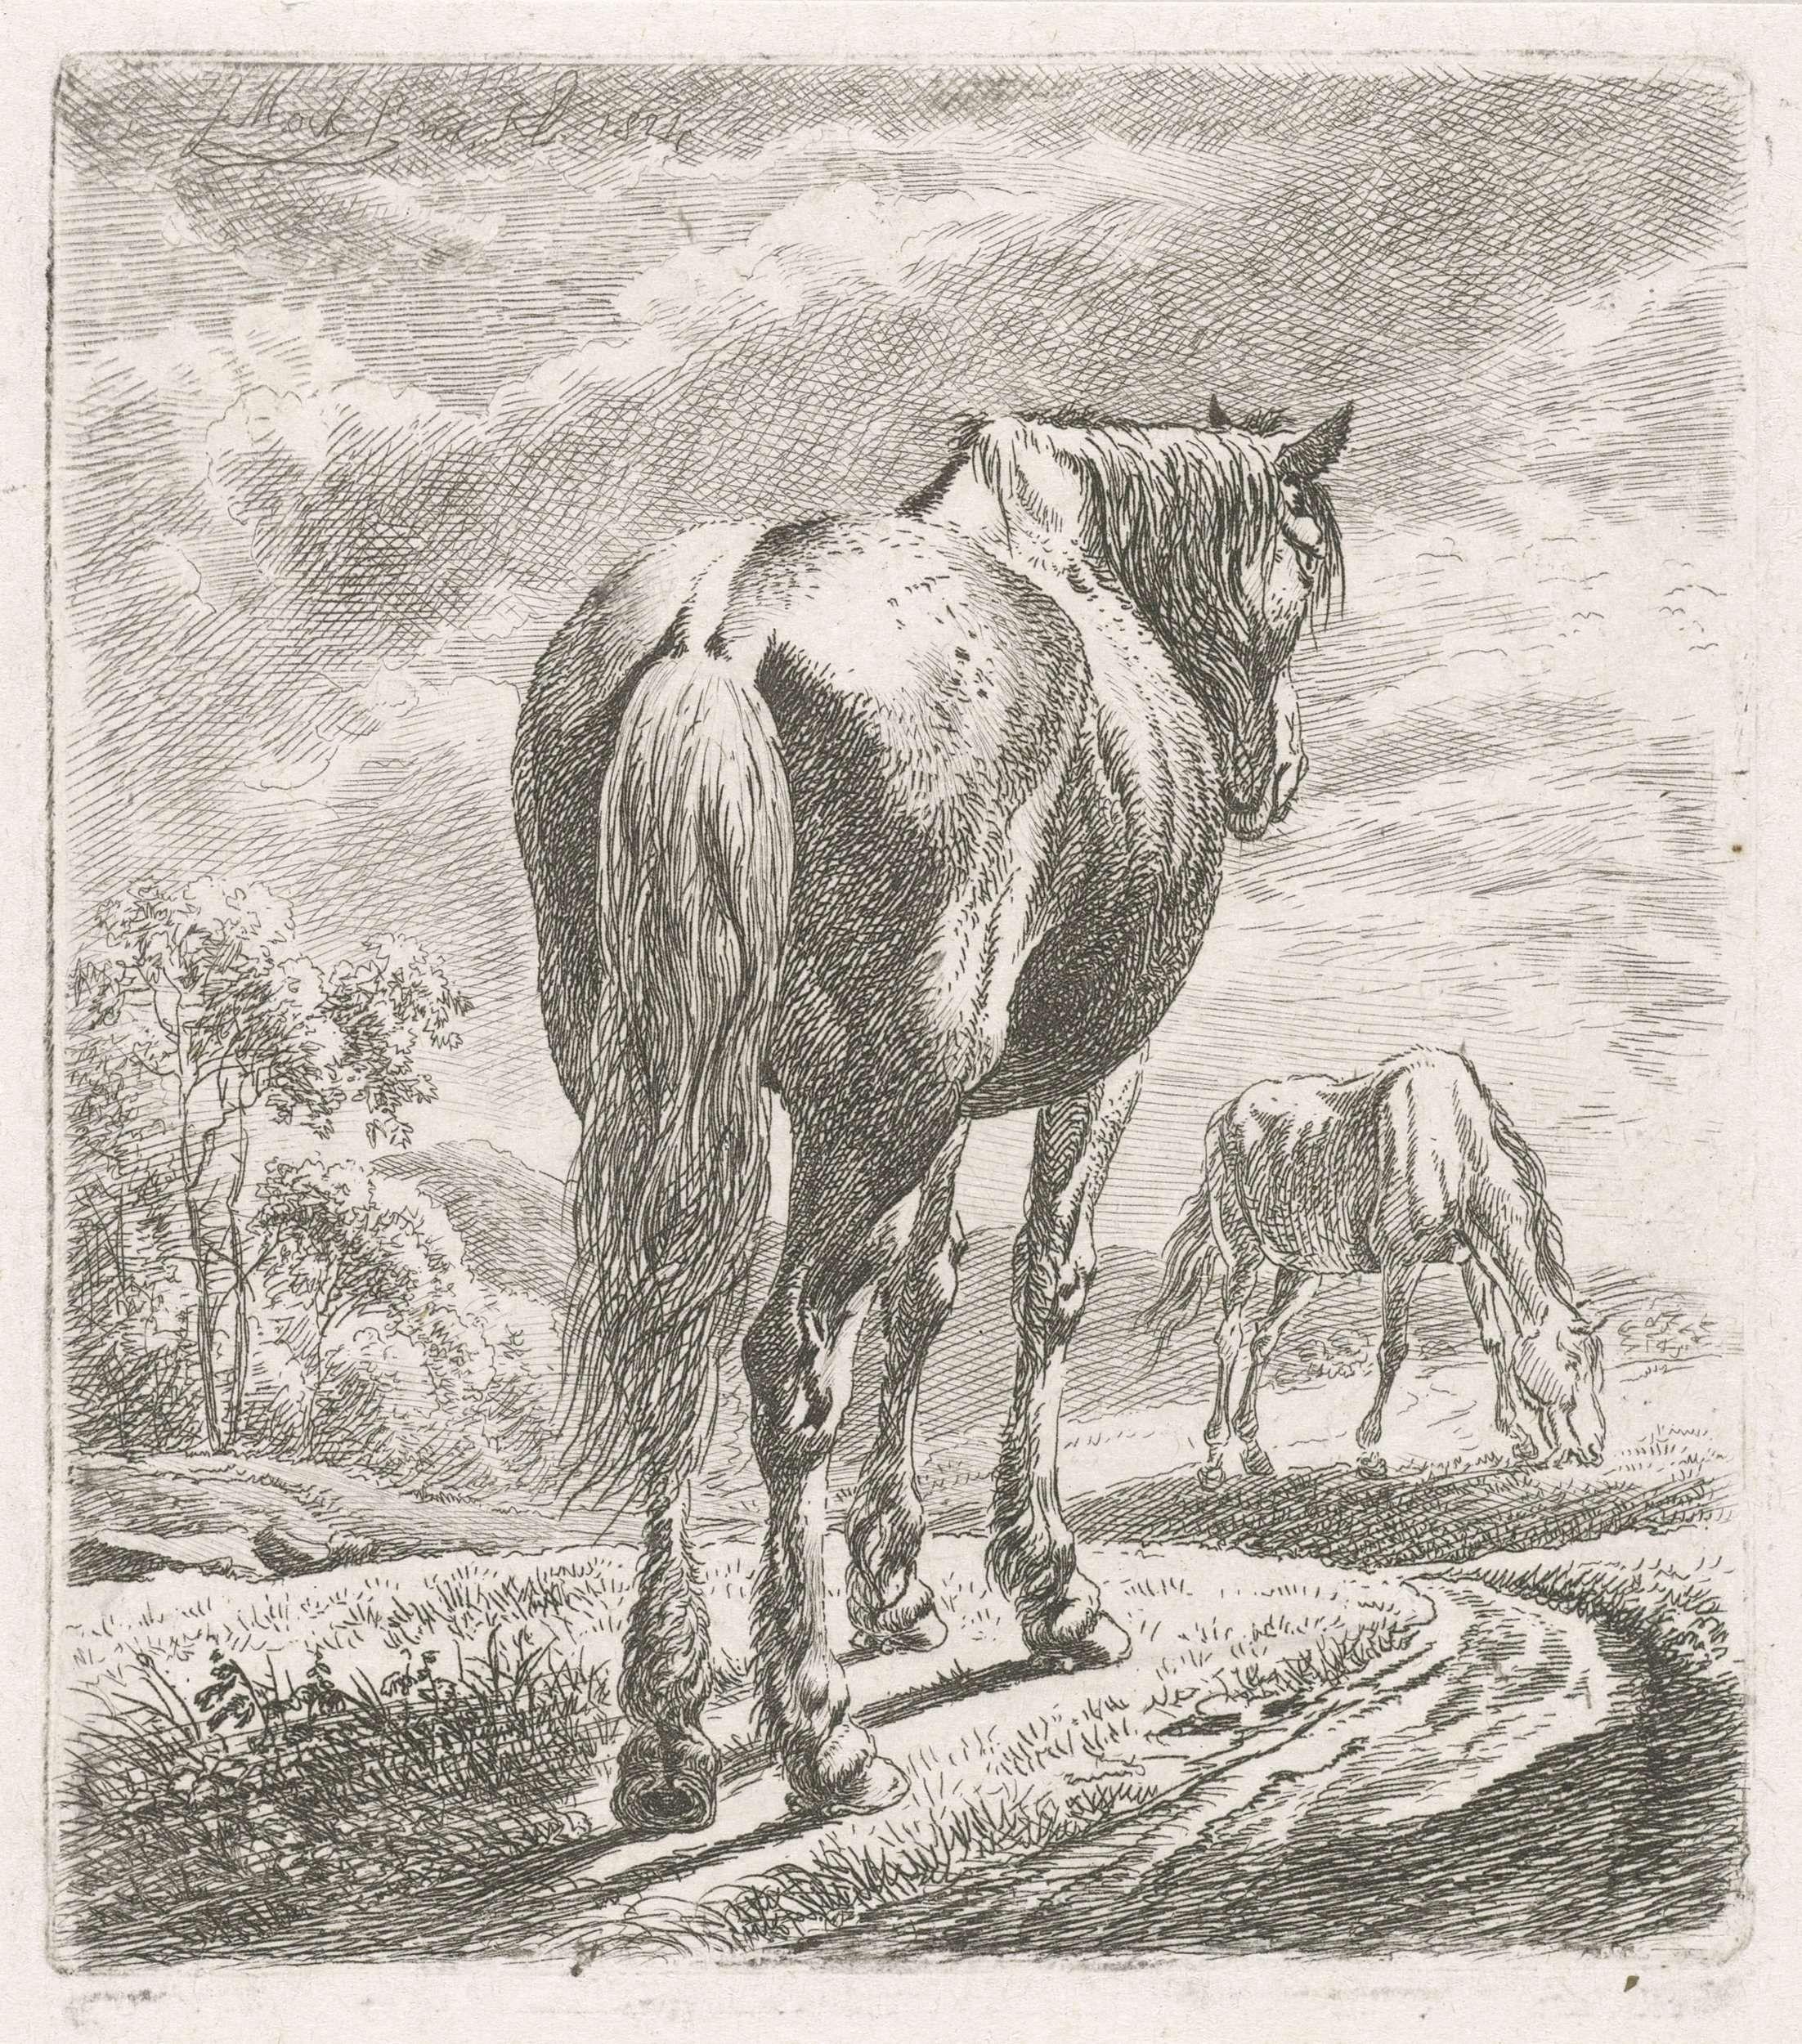 Johannes Mock | Paard van achteren gezien, Johannes Mock, 1824 | Een paard schuin van achteren gezien. Op de achtergrond een grazend paard.